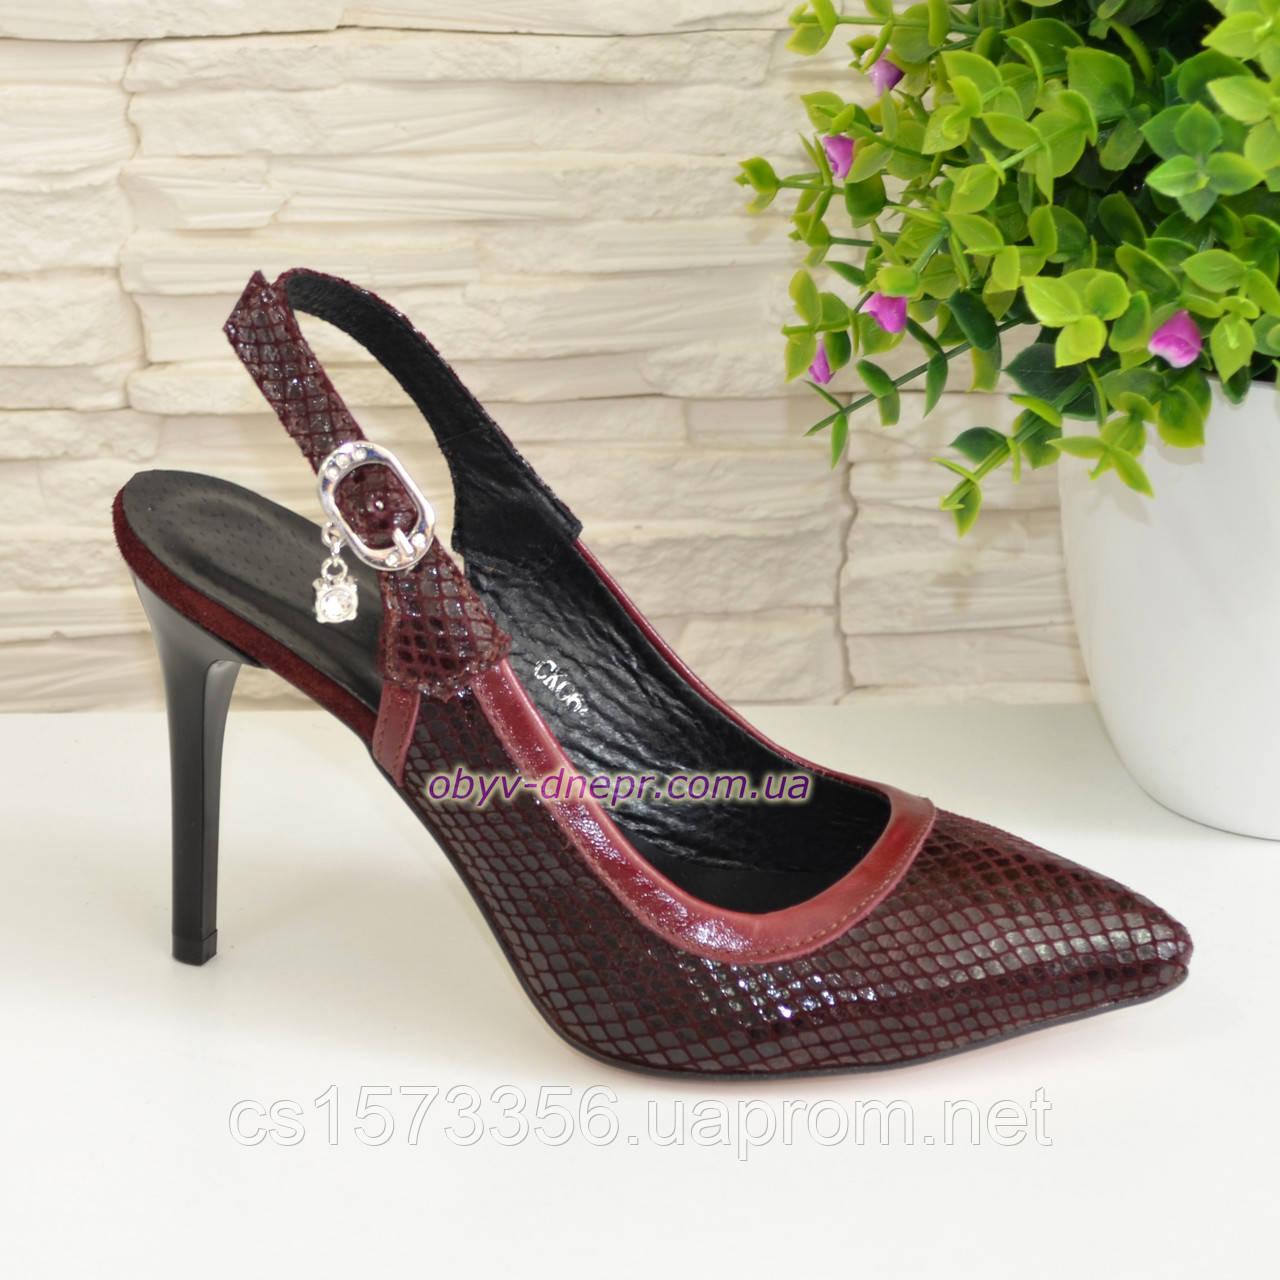 Стильные бордовые туфли женские на шпильке, натуральная замша